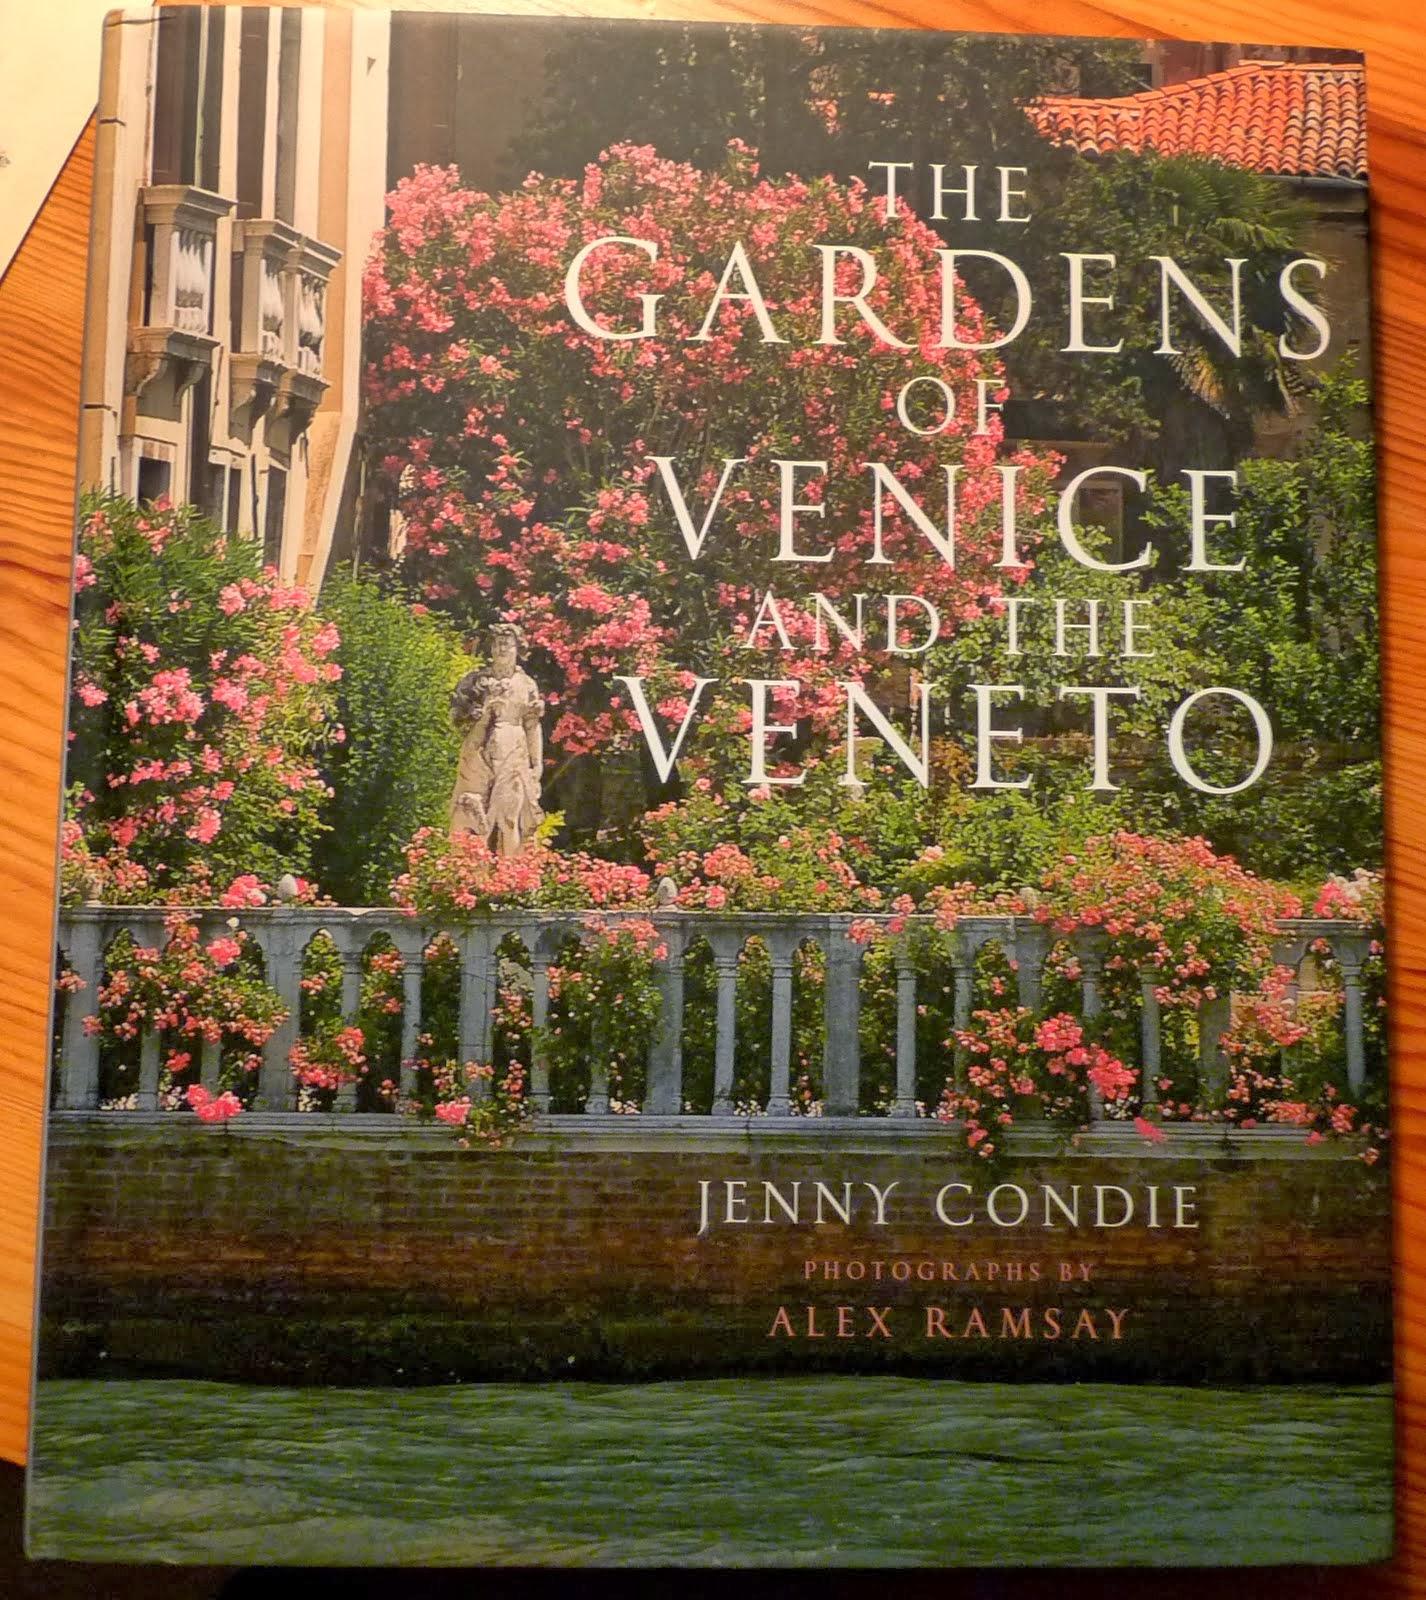 Mes carnets v nitiens nouveau livre sur les jardins de venise for Le jardin secret livre